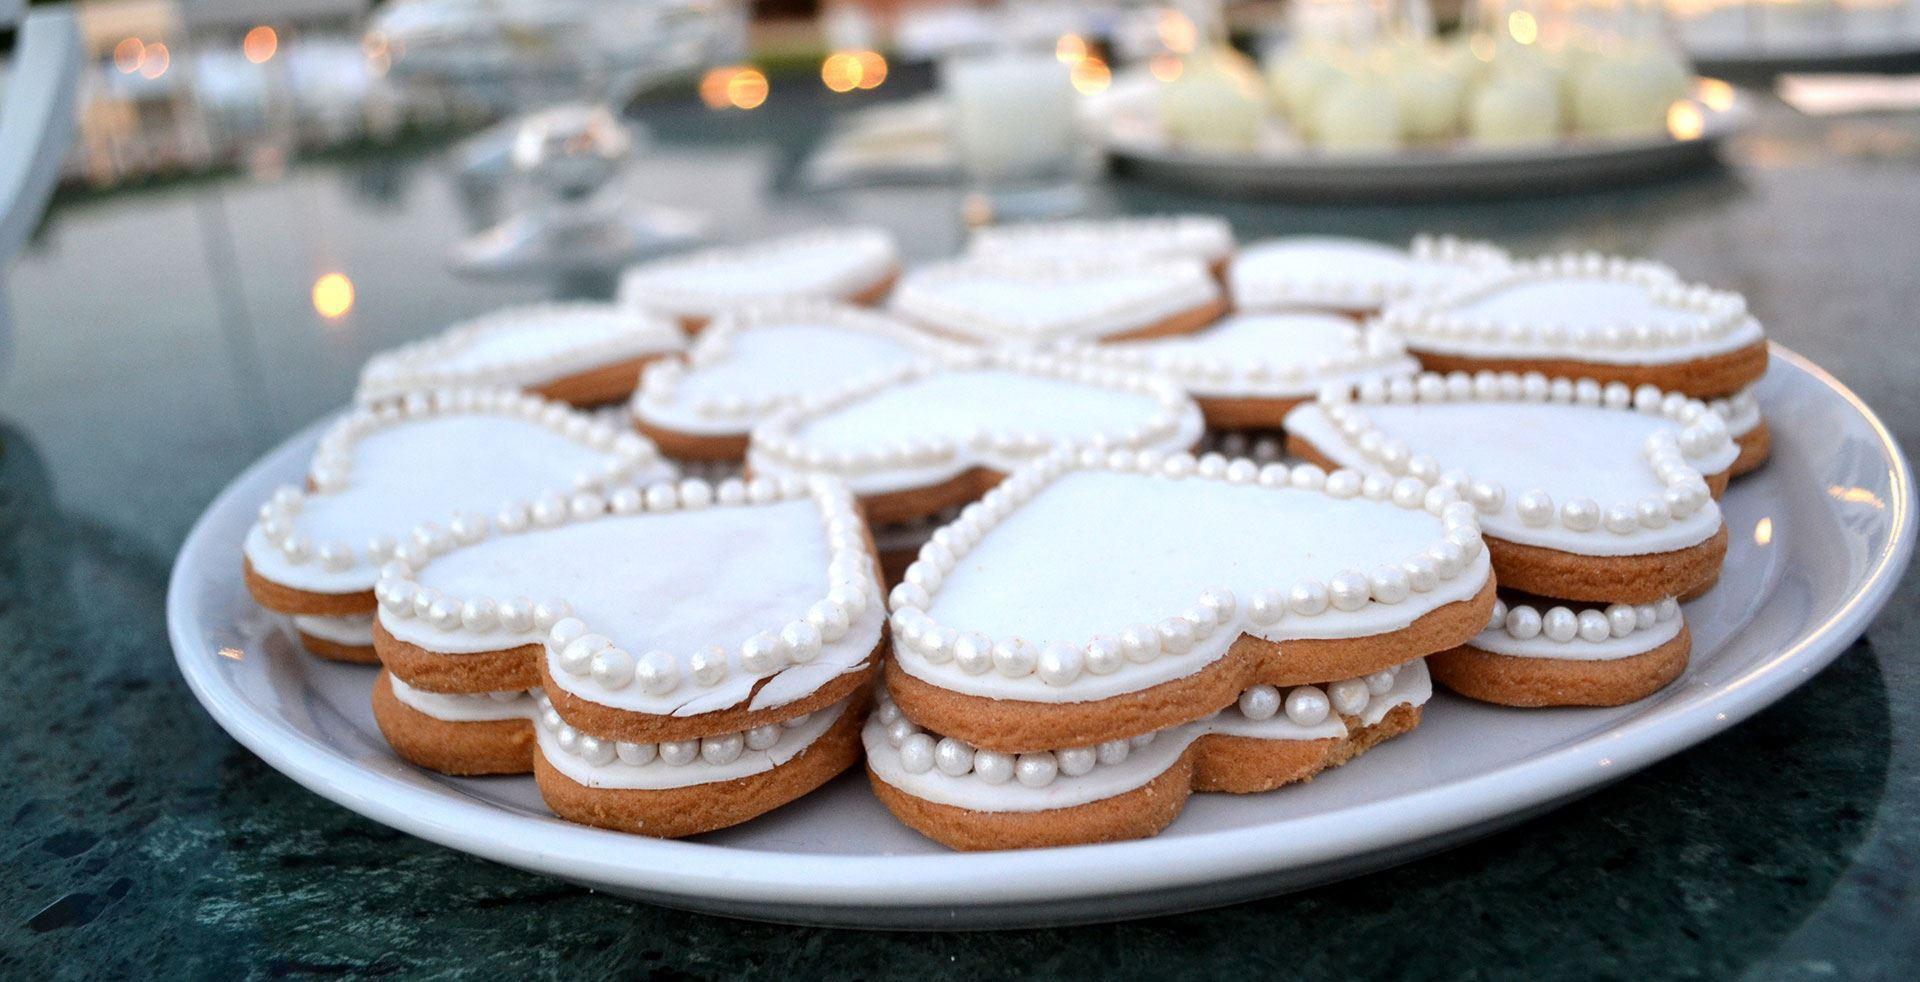 Μπισκότα ζαχαρόπαστας σε διάφορα σχήματα